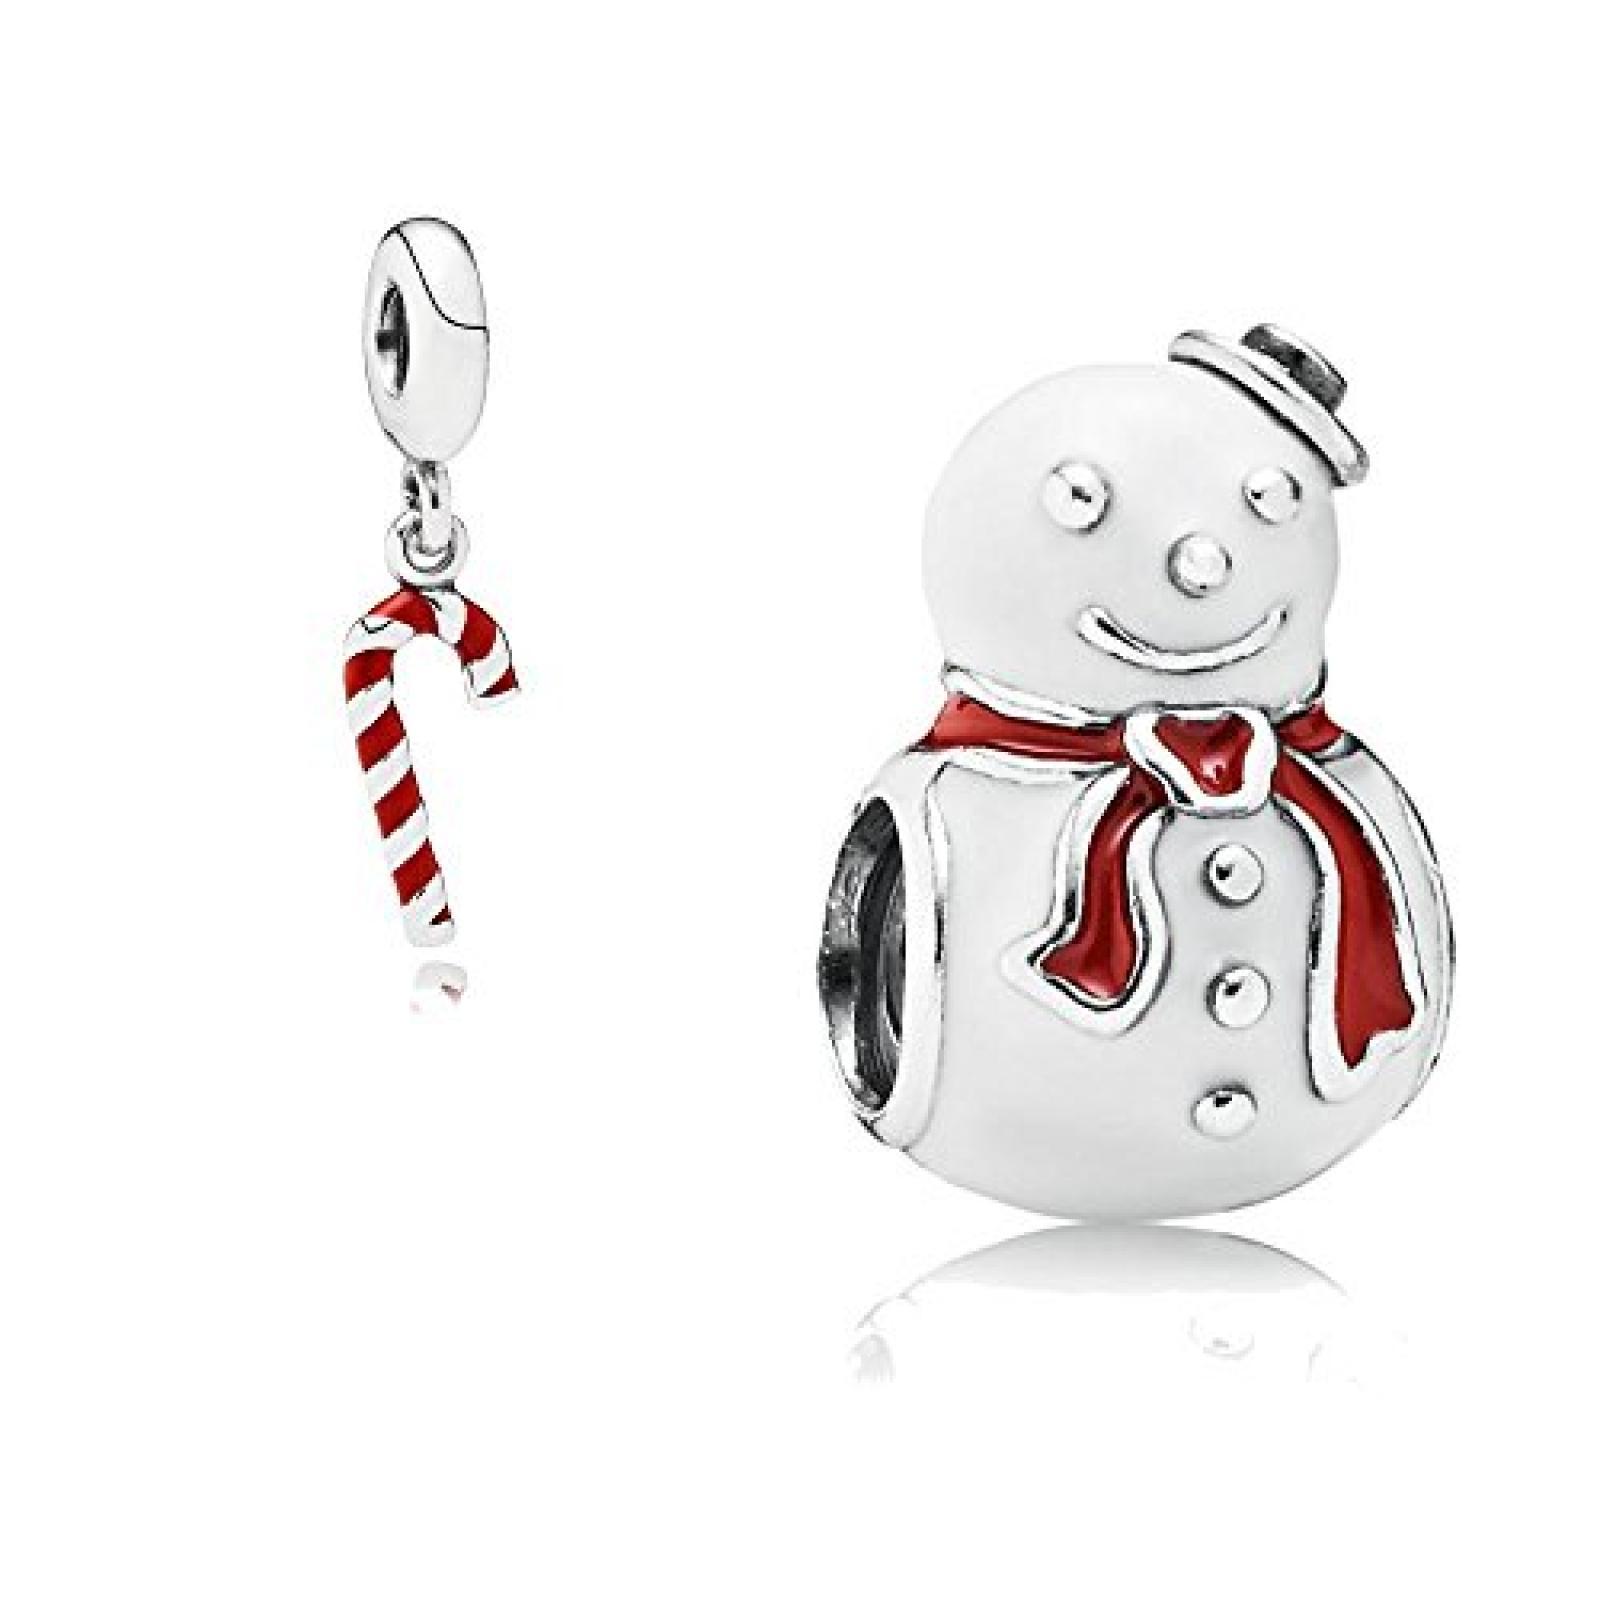 Original Pandora Geschenkset - 1 Silber Element Glücklicher Schneemann mit roter und weißer Emaille 791406ENMX und 1 Silber Pendel Zuckerstange mit roter Emaille 791193EN09